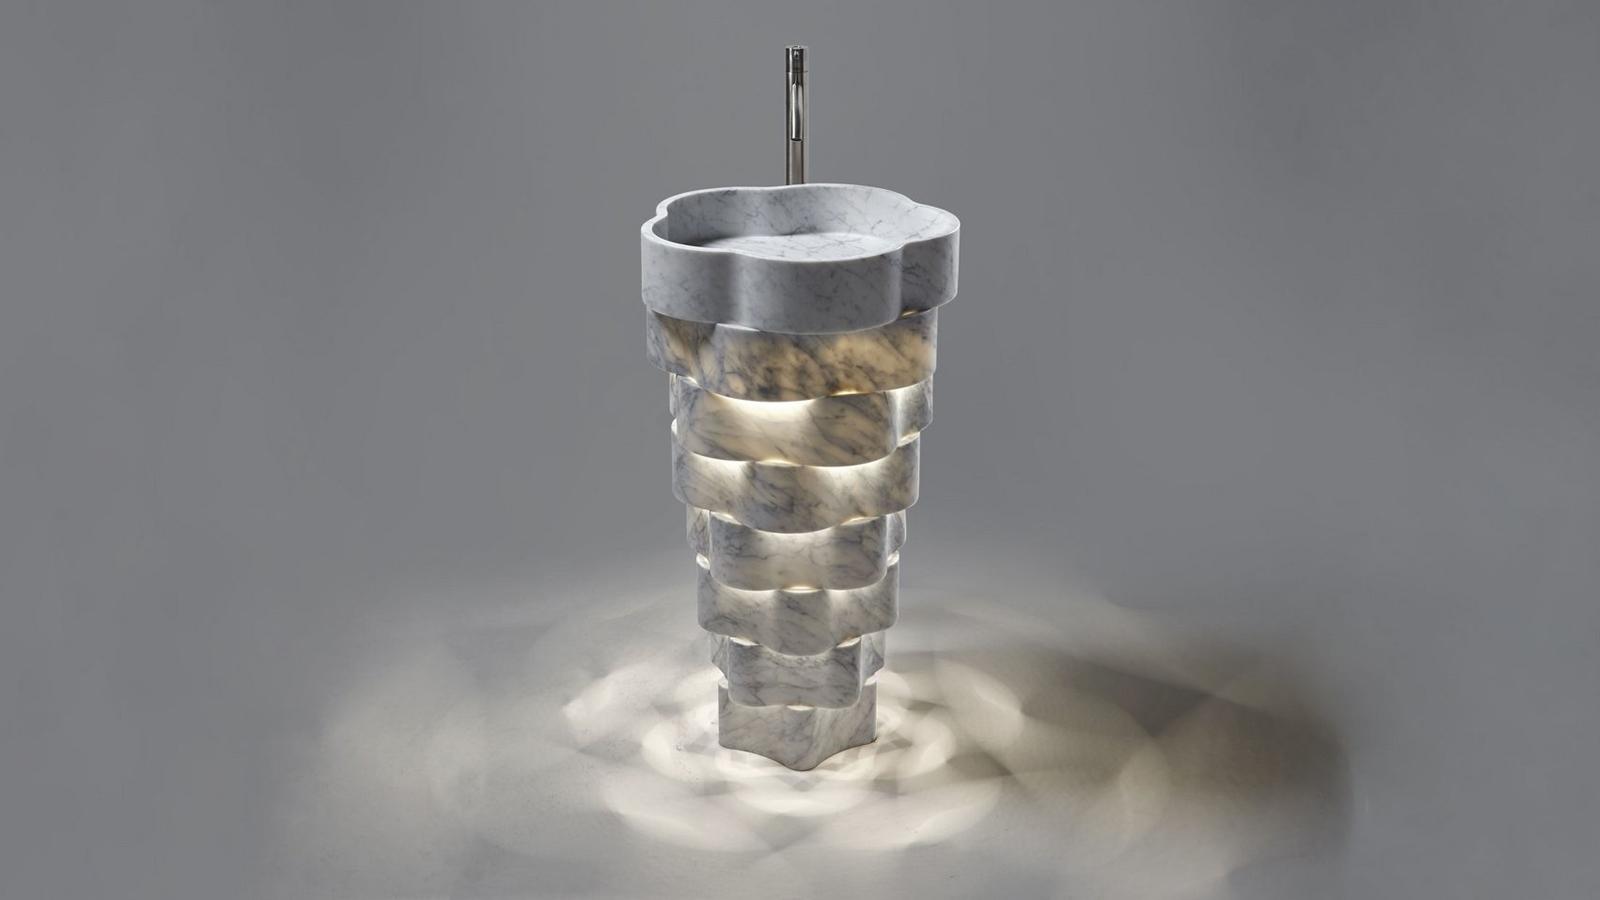 """Masszív márvány, dinamikus formába öntve: az Antonio Lupi Intreccio mosdókagylója a legnemesebb alapanyag és a modern technológiák ötvözetéből jött létre. A Paolo Ulian által tervezett, szoborszerű, rendkívül látványos Intreccio a lágy víz és a kemény kő közötti kontrasztra utalva játszik a könnyű és nehéz fogalmával, így az eredetileg rendkívül könnyű kosárfonó vessző motívuma, ami tervezőjét megihlette, súlyos márványból """"fonódik"""" össze a termékben."""